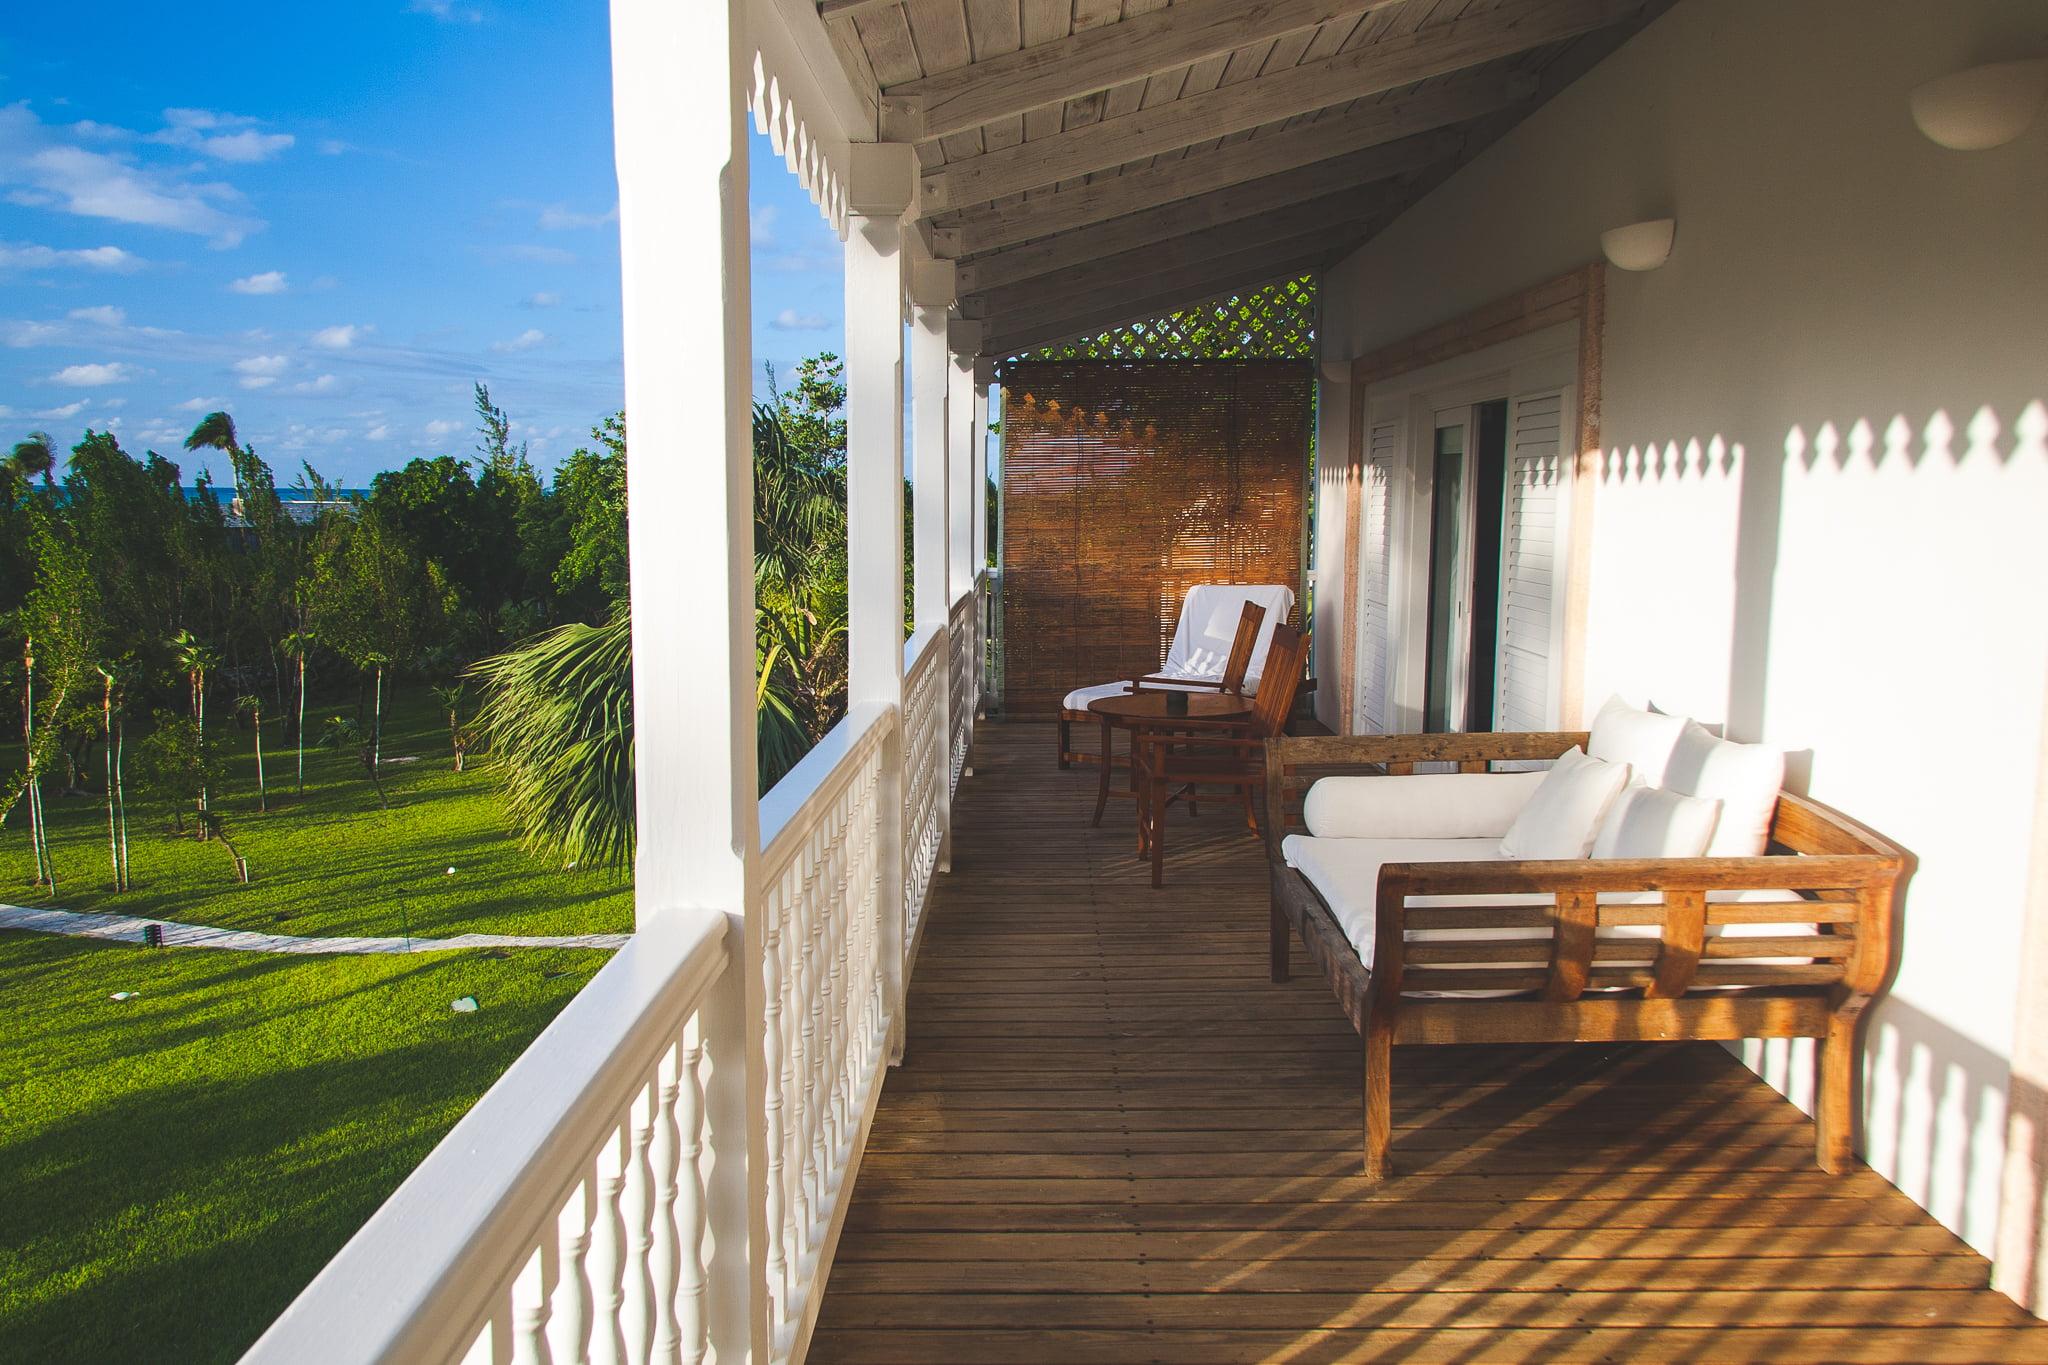 A balcony at Parrot Cay